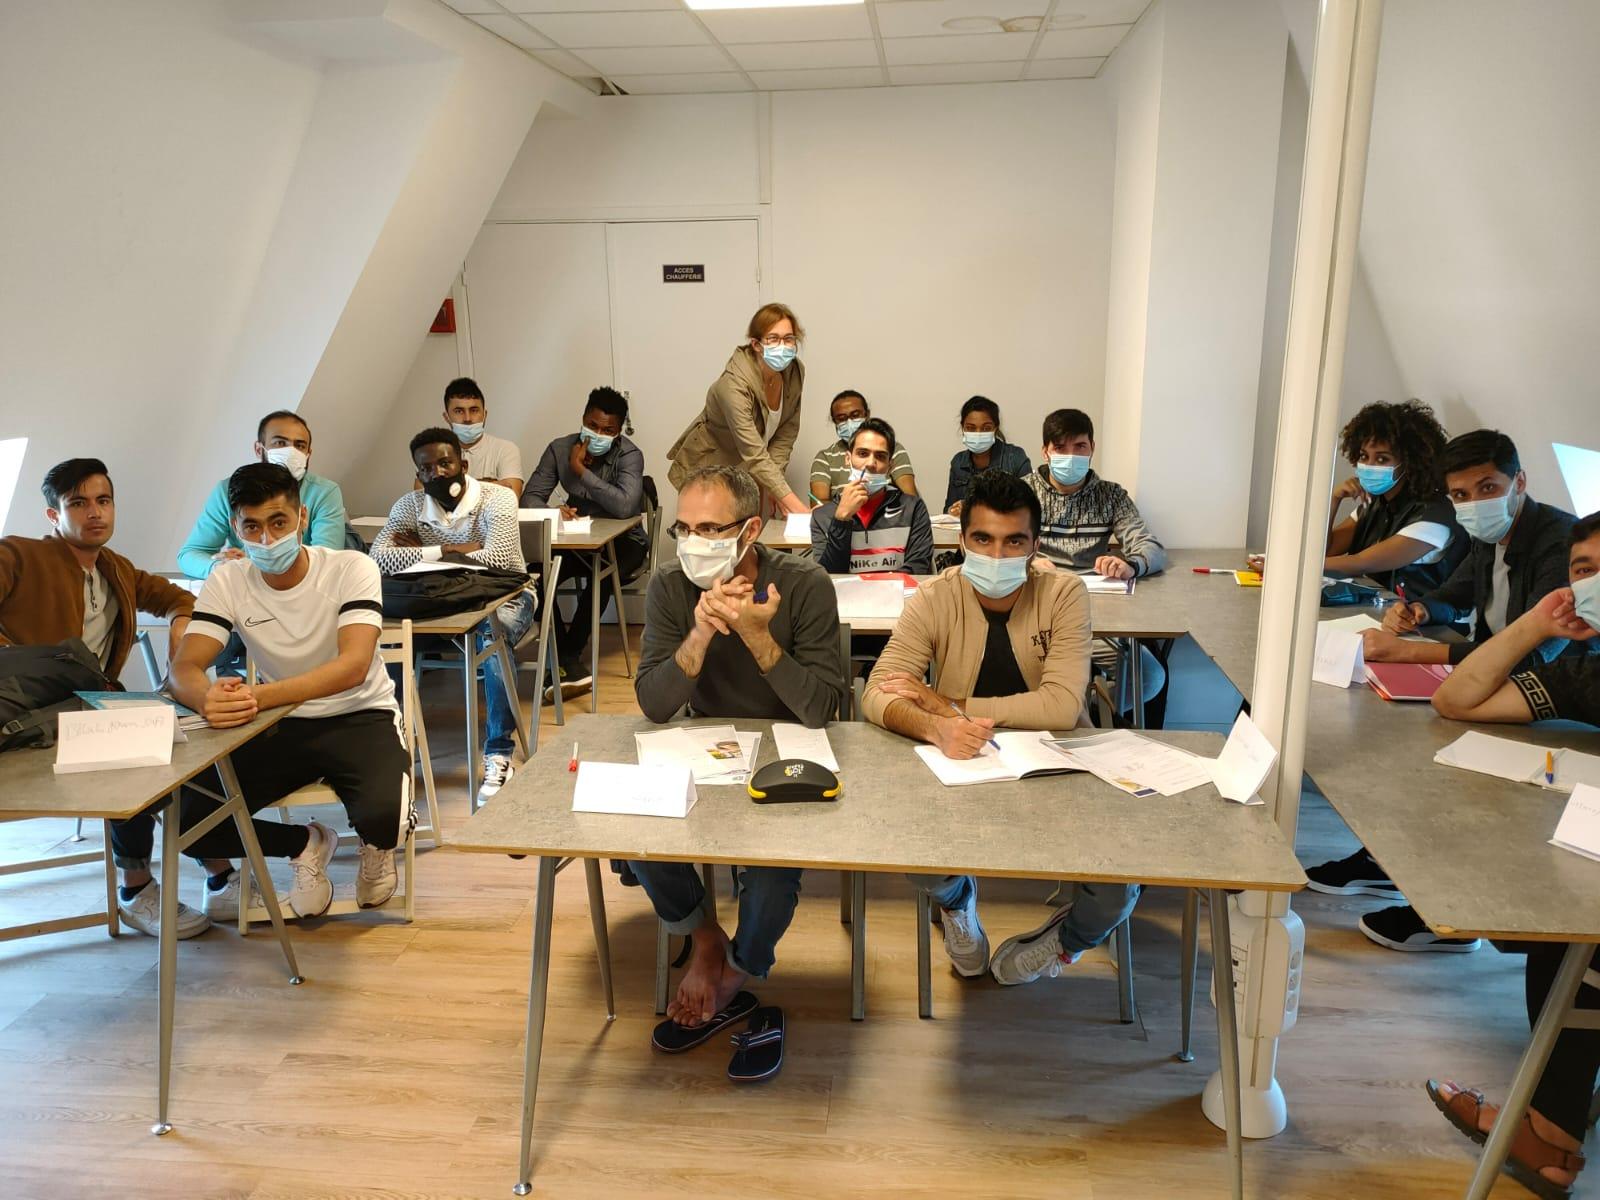 une classe en action